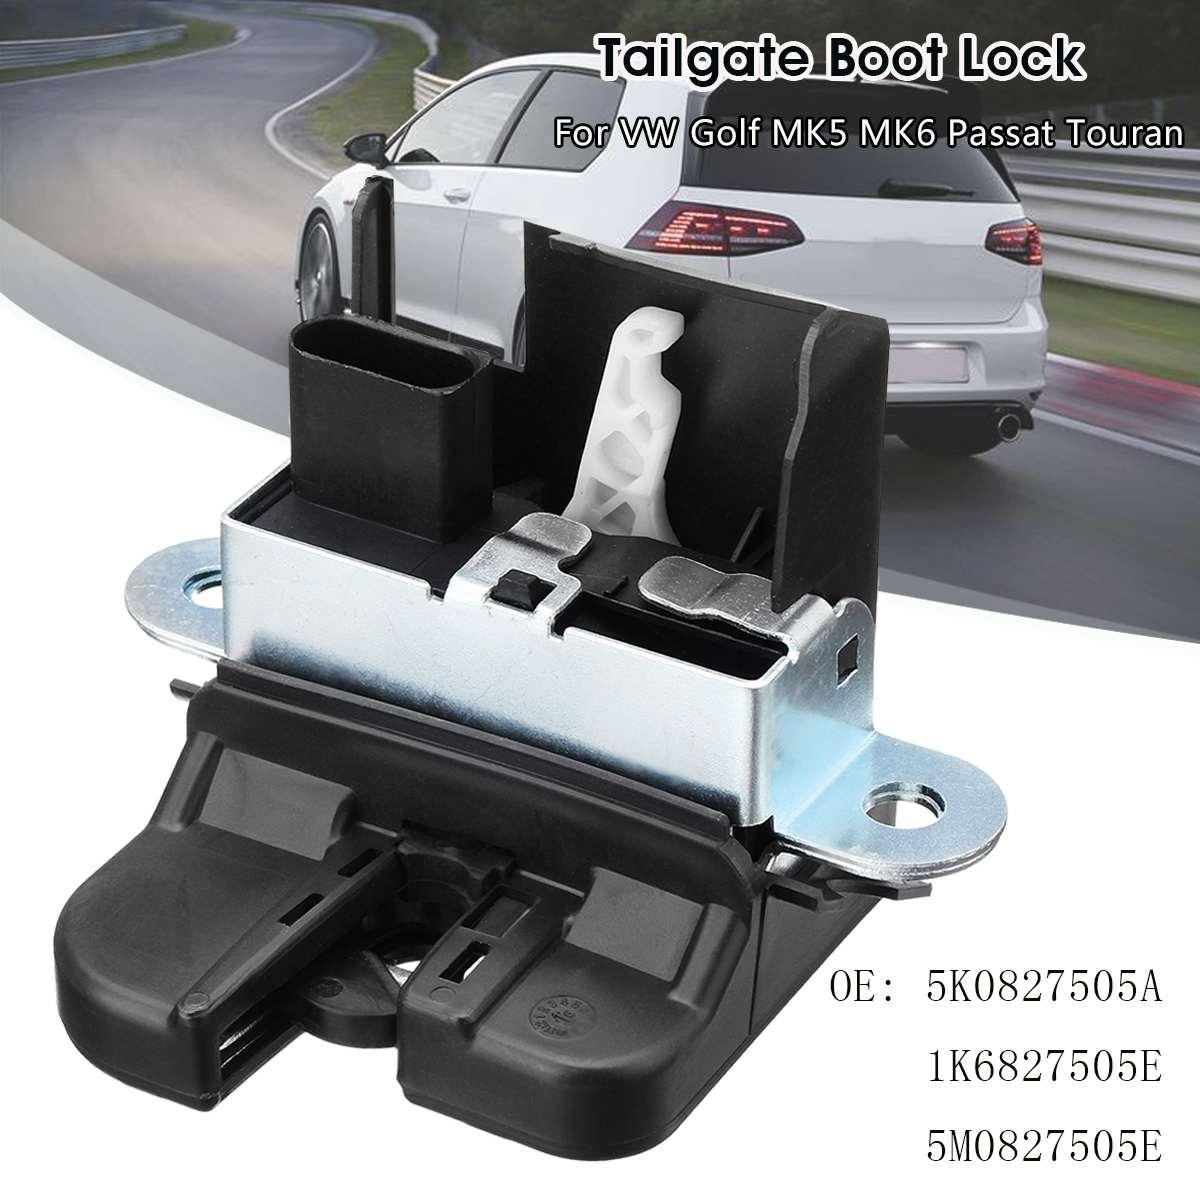 Couvercle de serrure de porte de hayon de serrure de coffre arrière de voiture pour VW Golf MK5 MK6 Touran 5K0827505A 1K6827505E 5M0827505E 1P0827505D